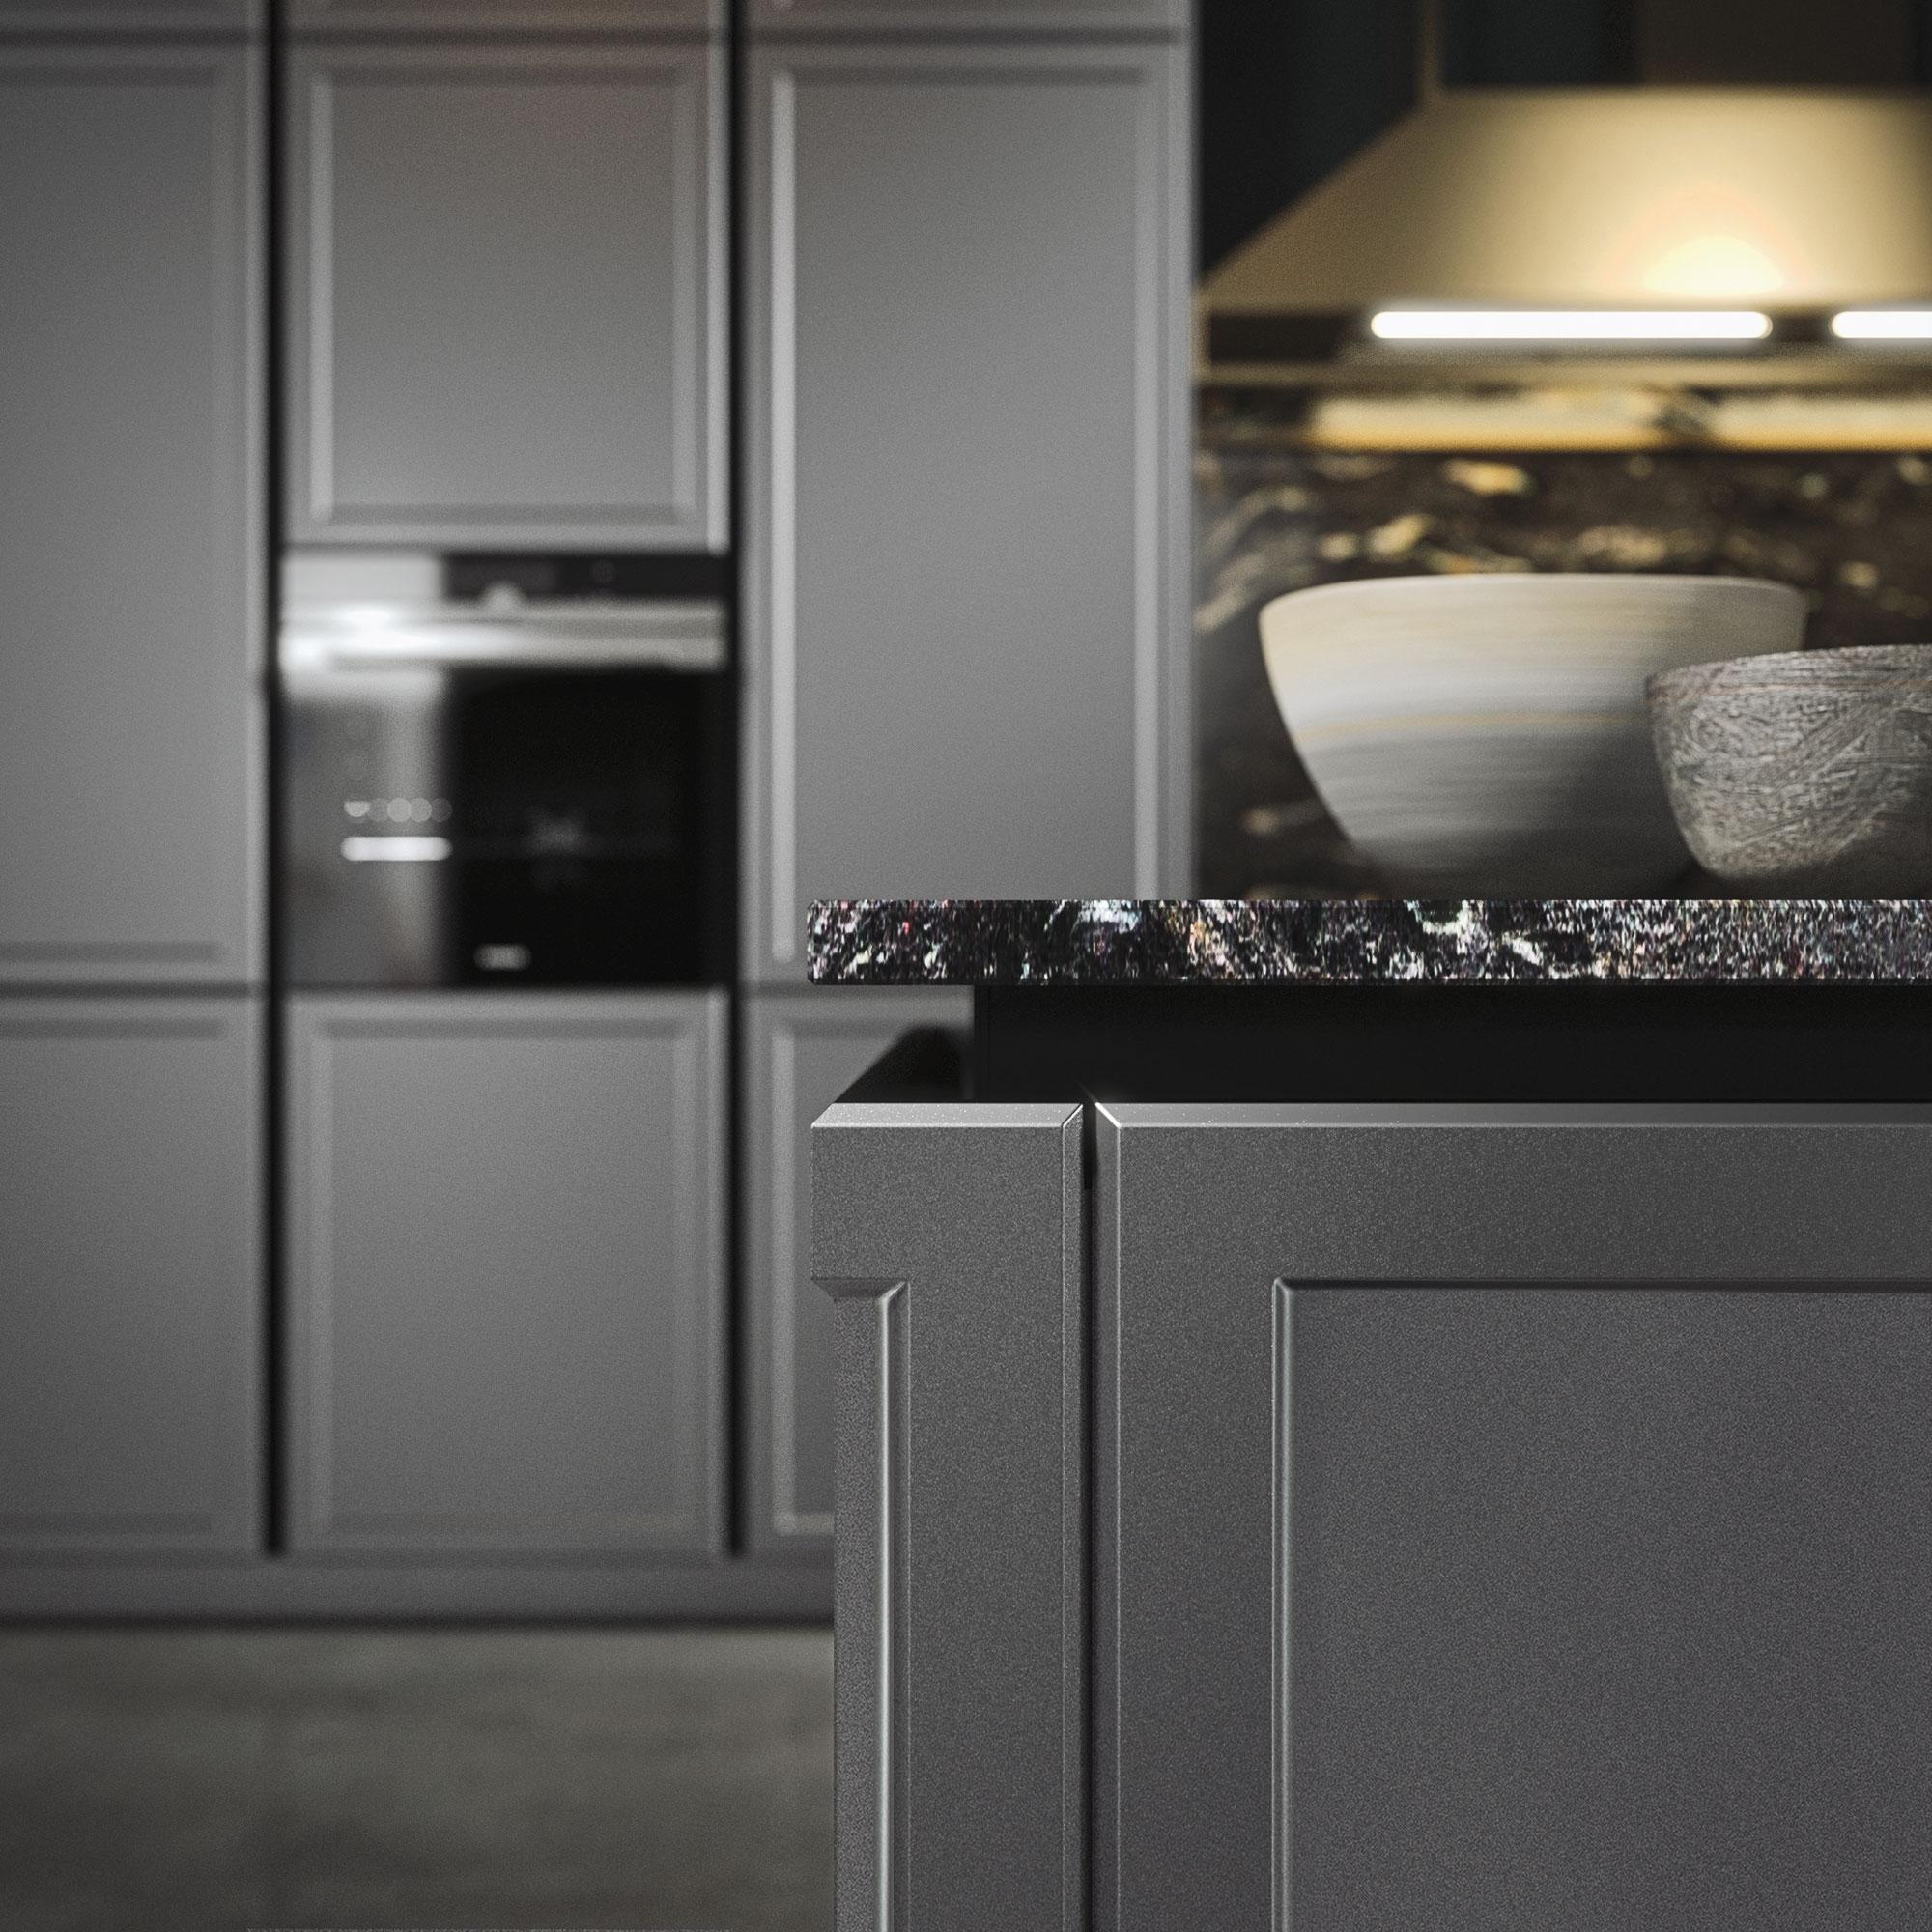 cucine-classiche-con-isola-frame-snaidero-dettaglio-3